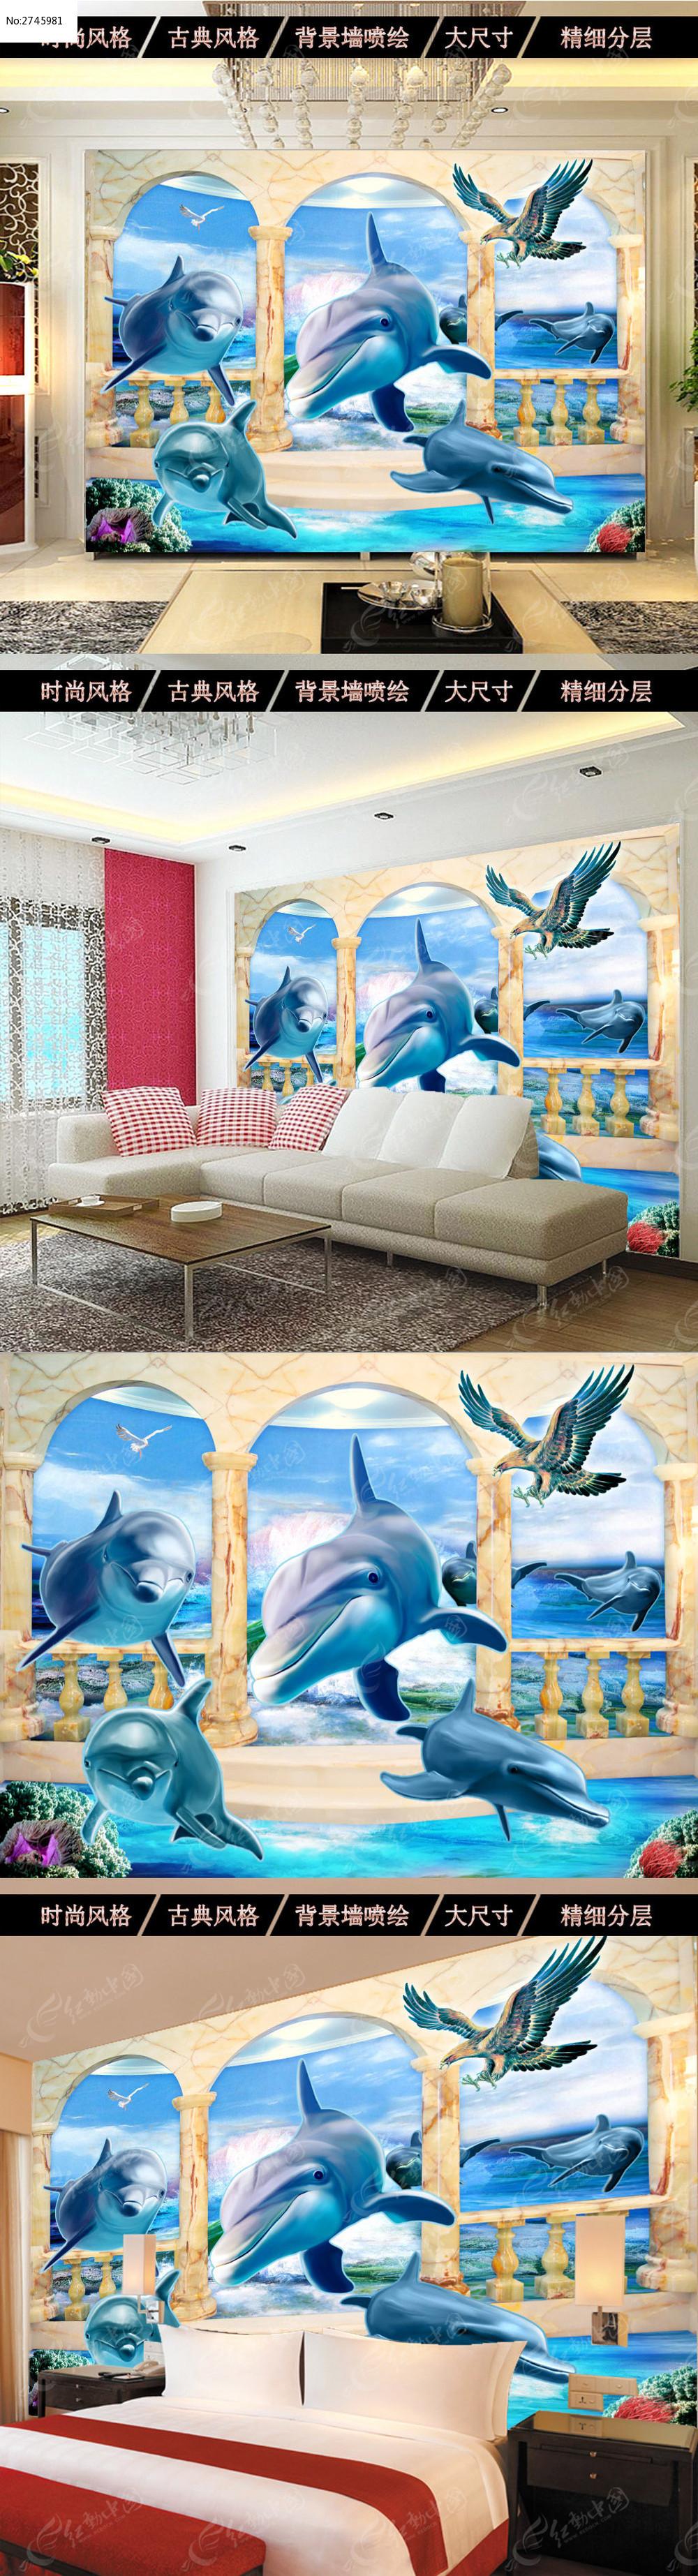 海底世界3d立体电视背景墙图片